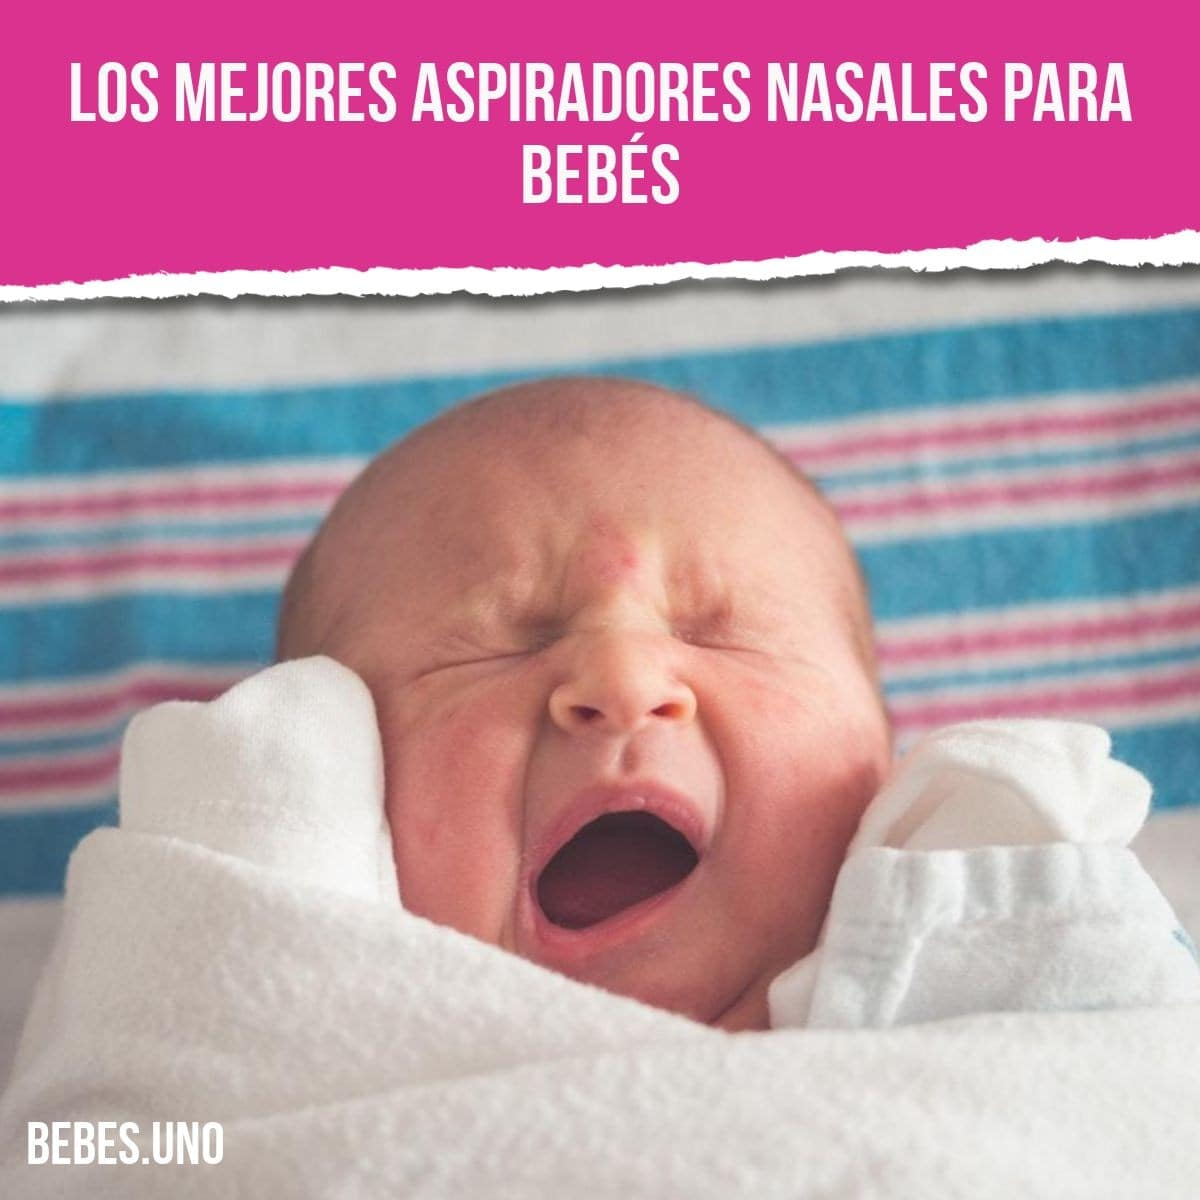 Los mejores aspiradores nasales para bebés